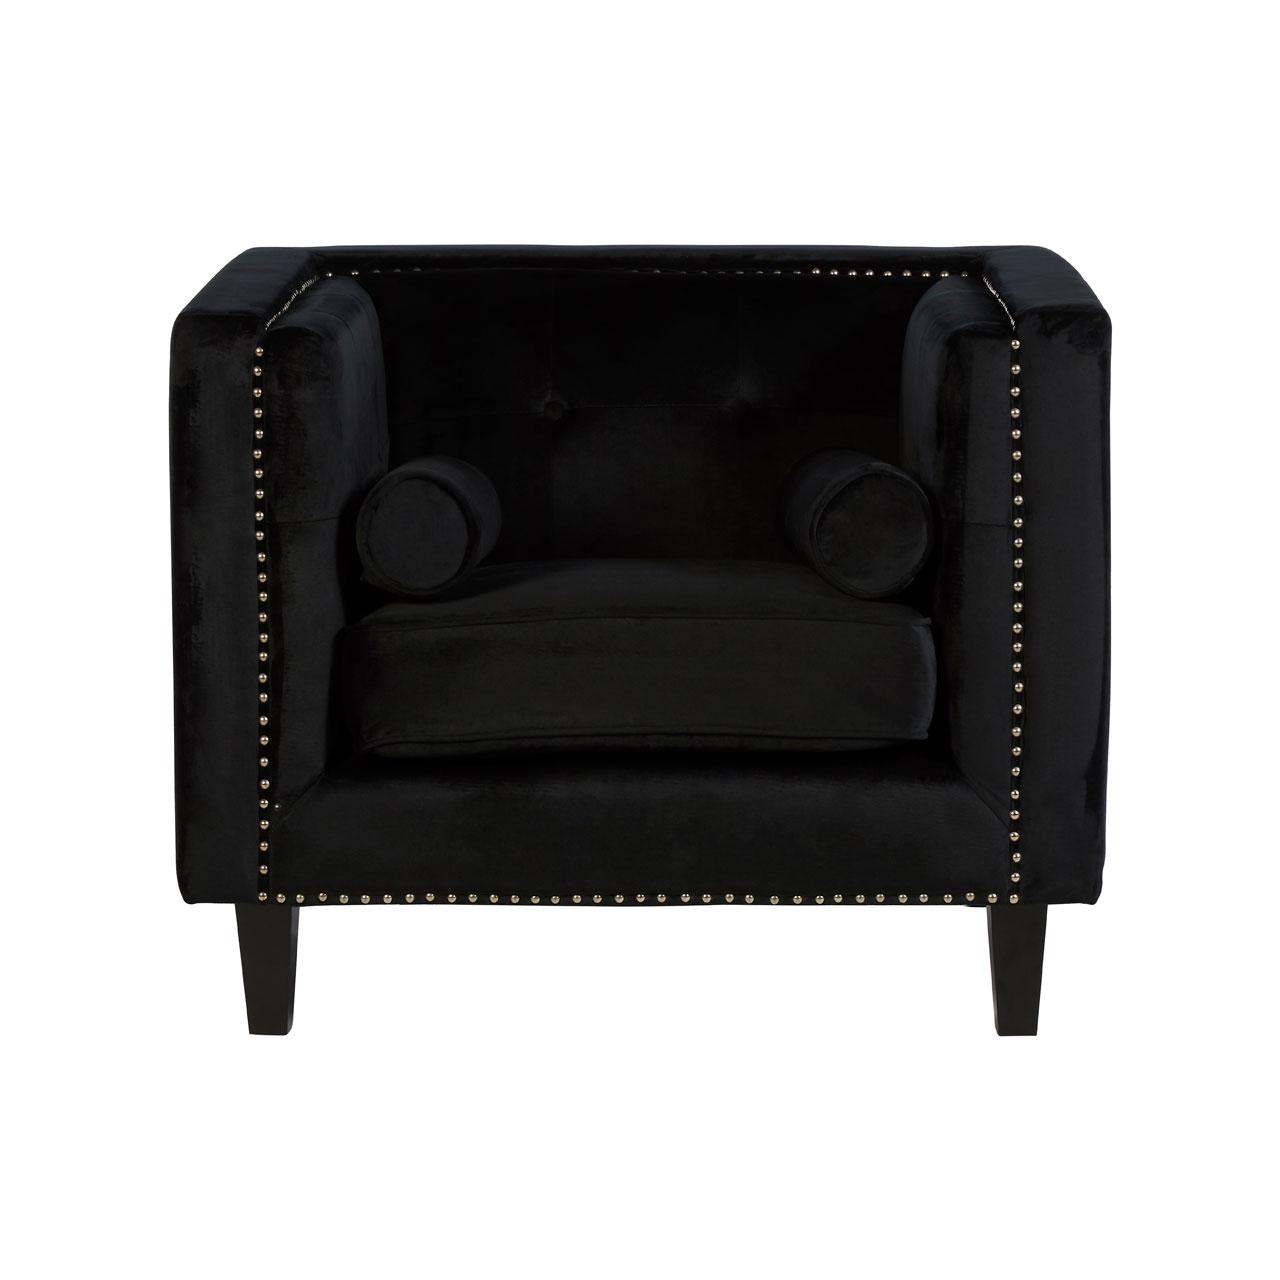 Felisa Chair Black Velvet Stud Detail Living Room Armchair Furniture 5018705408842 Ebay